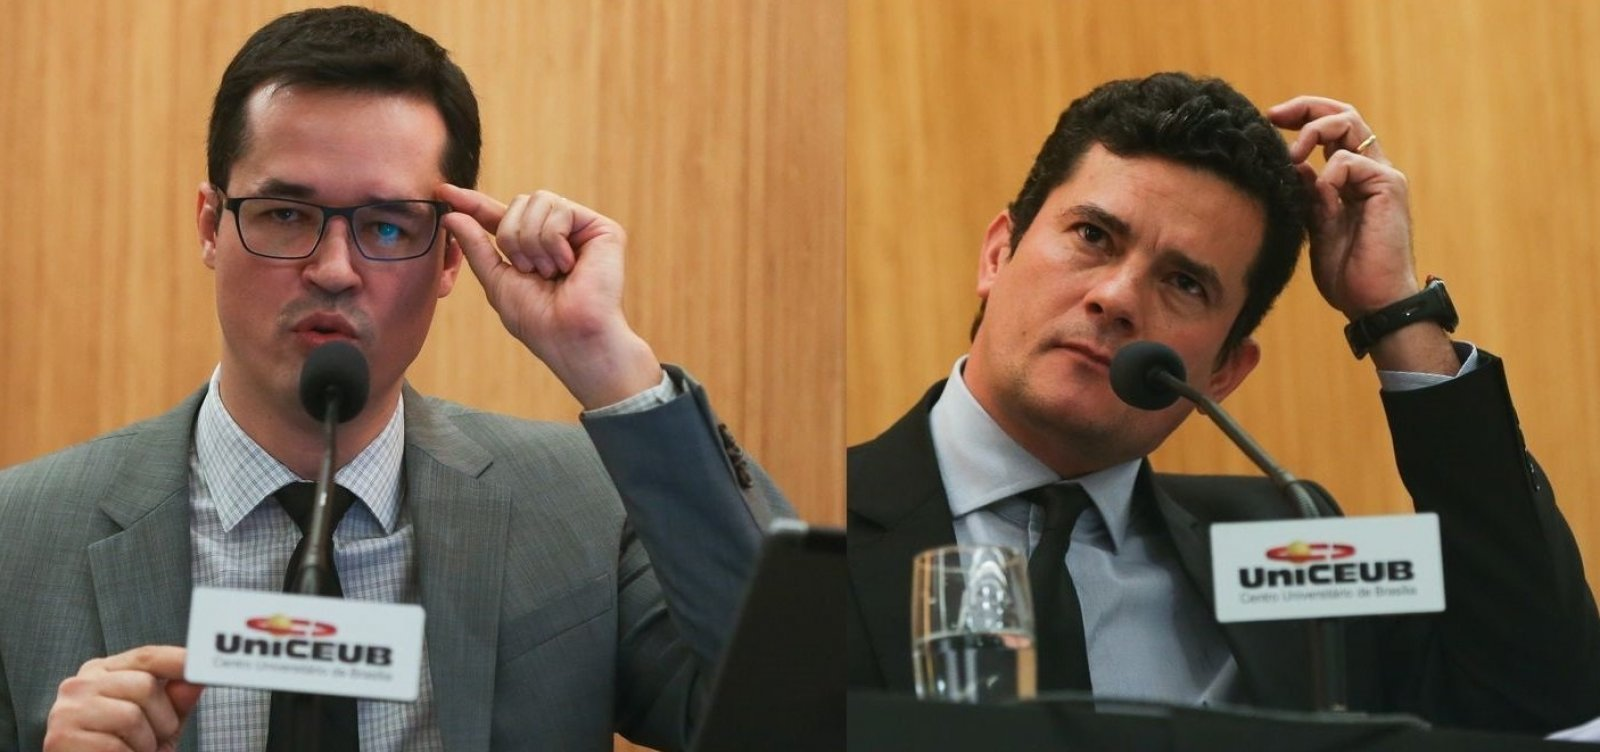 3bb301bc23 As manifestações do último dia 30 tiveram como principal objetivo a defesa  de Sergio Moro. Em Brasília, um enorme boneco de Super-Homem com o seu  rosto foi ...